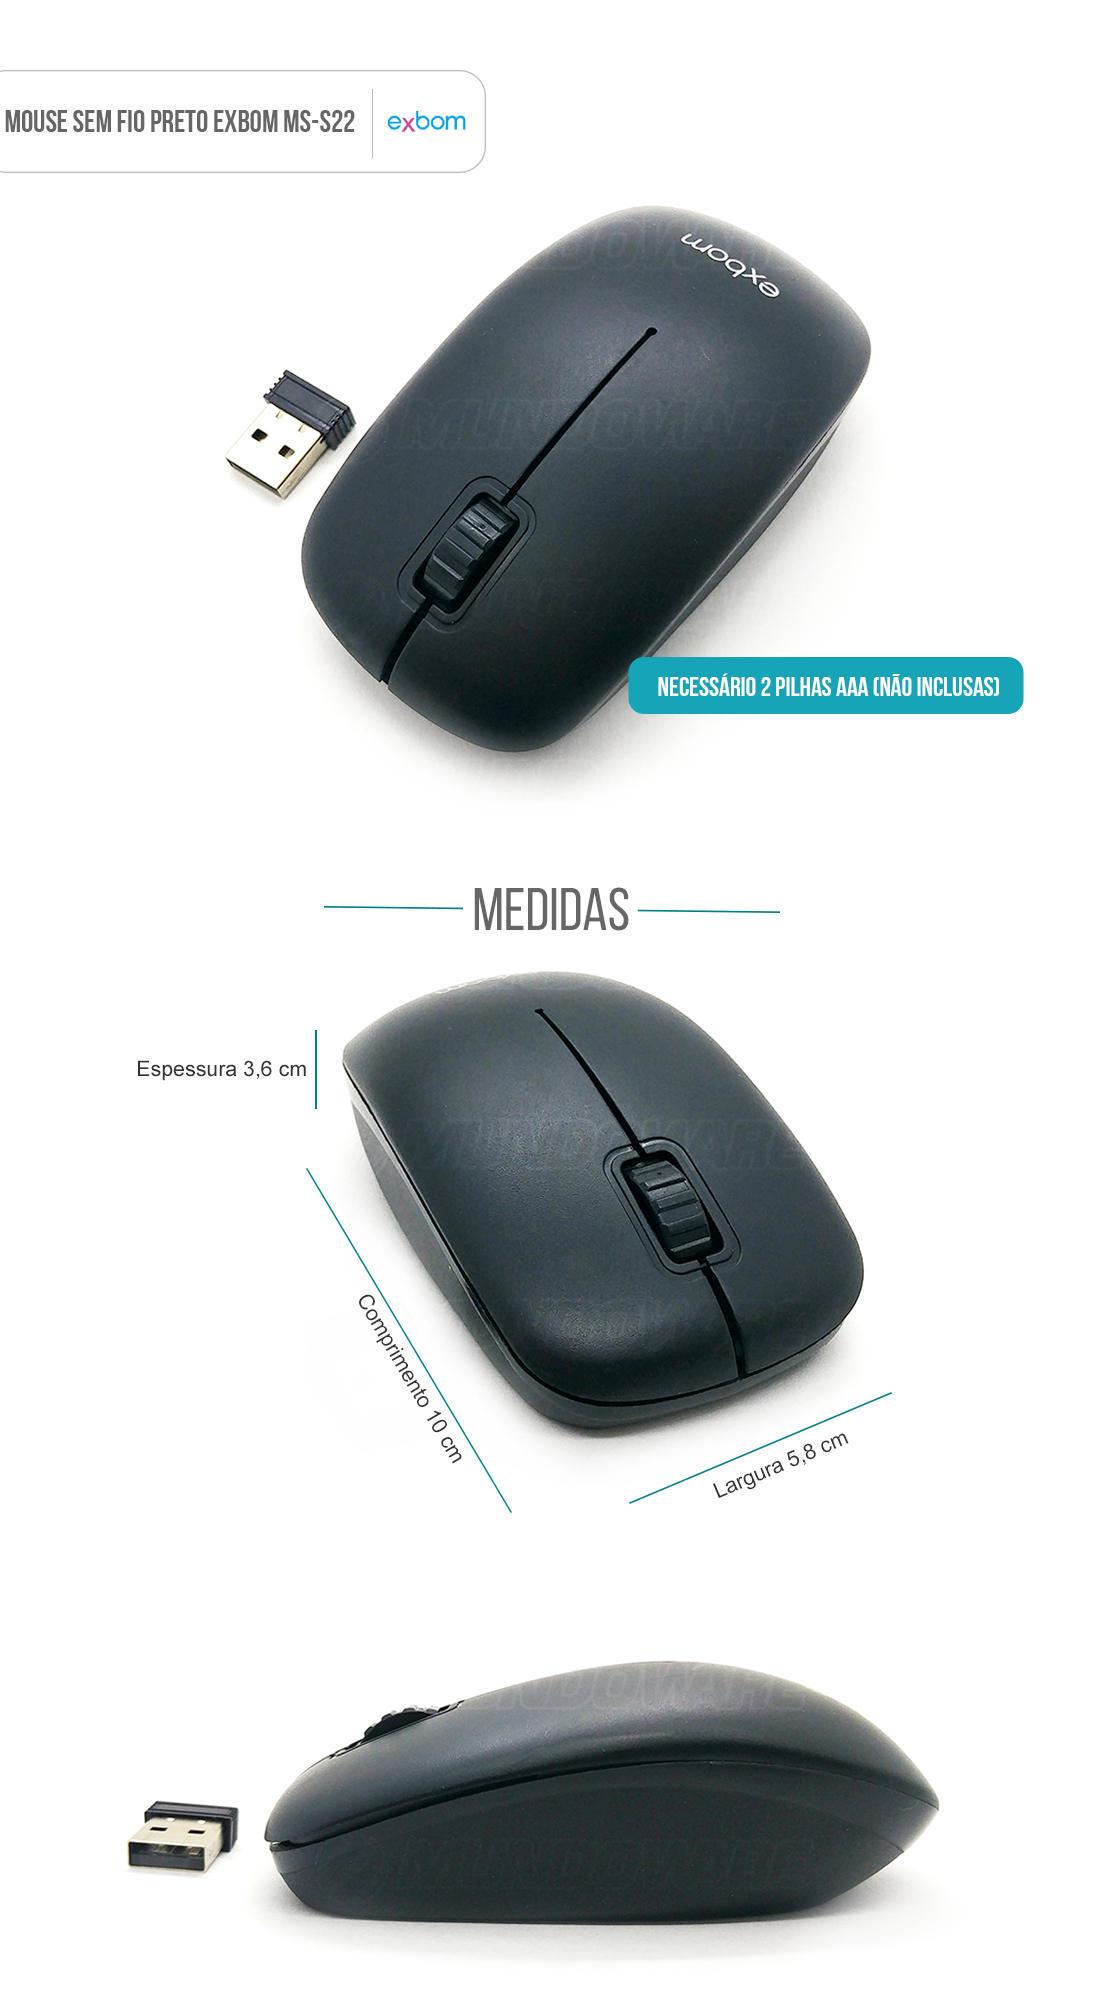 Mouse sem fio preto com scroll exbom